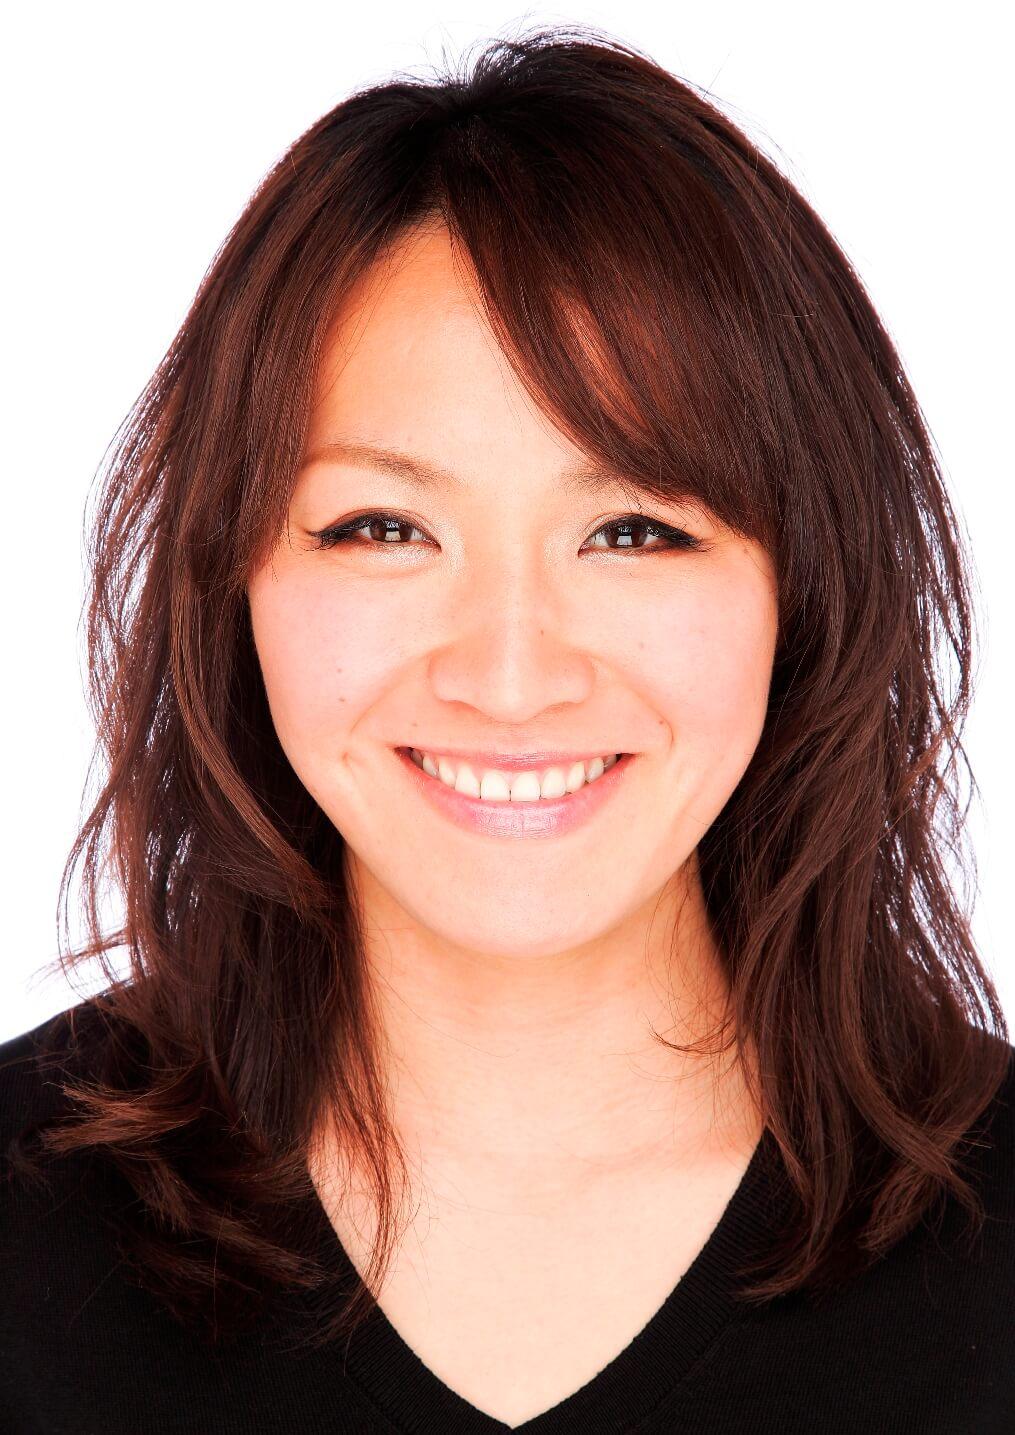 澤穂希さん、丸山桂里奈のタレント転身に大先輩たちから「どうなってる ...